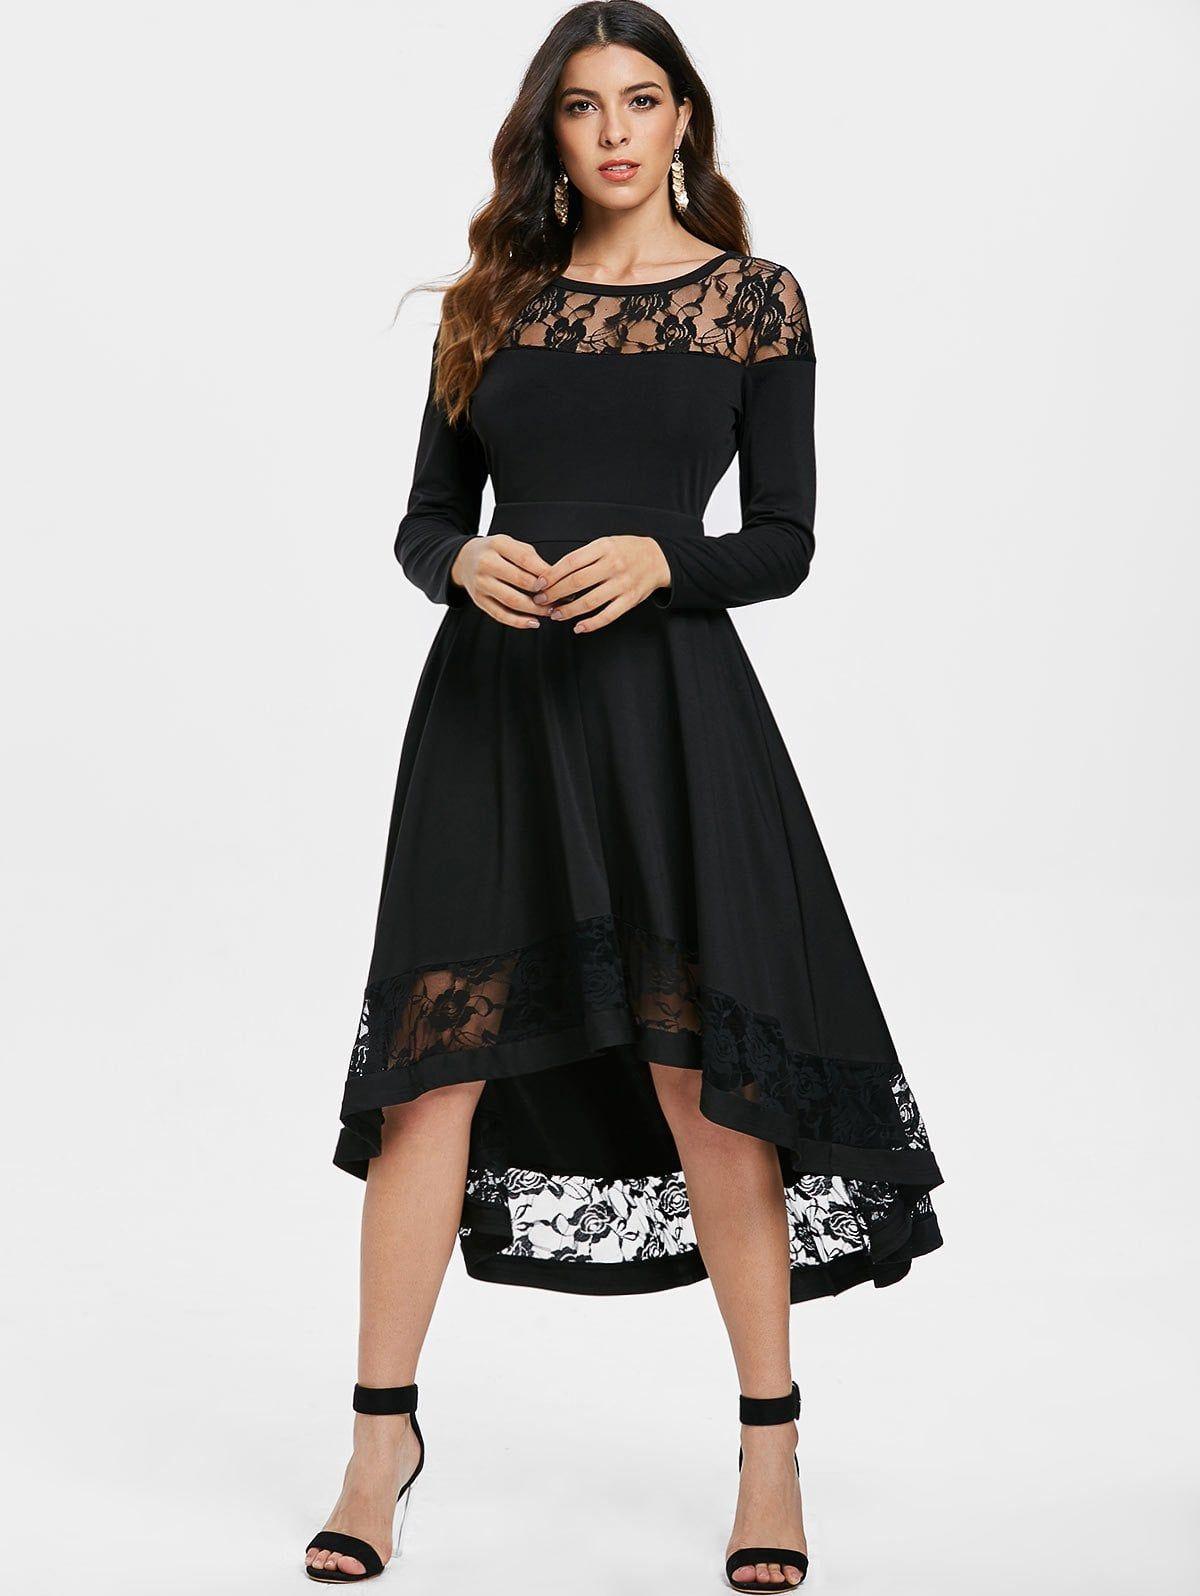 fb640c2b6760 emmarcon elegante abito lungo cerimonia da donna in pizzo vestito damigella  festa party orlo asimmetrico-Black-IT46-48 XL